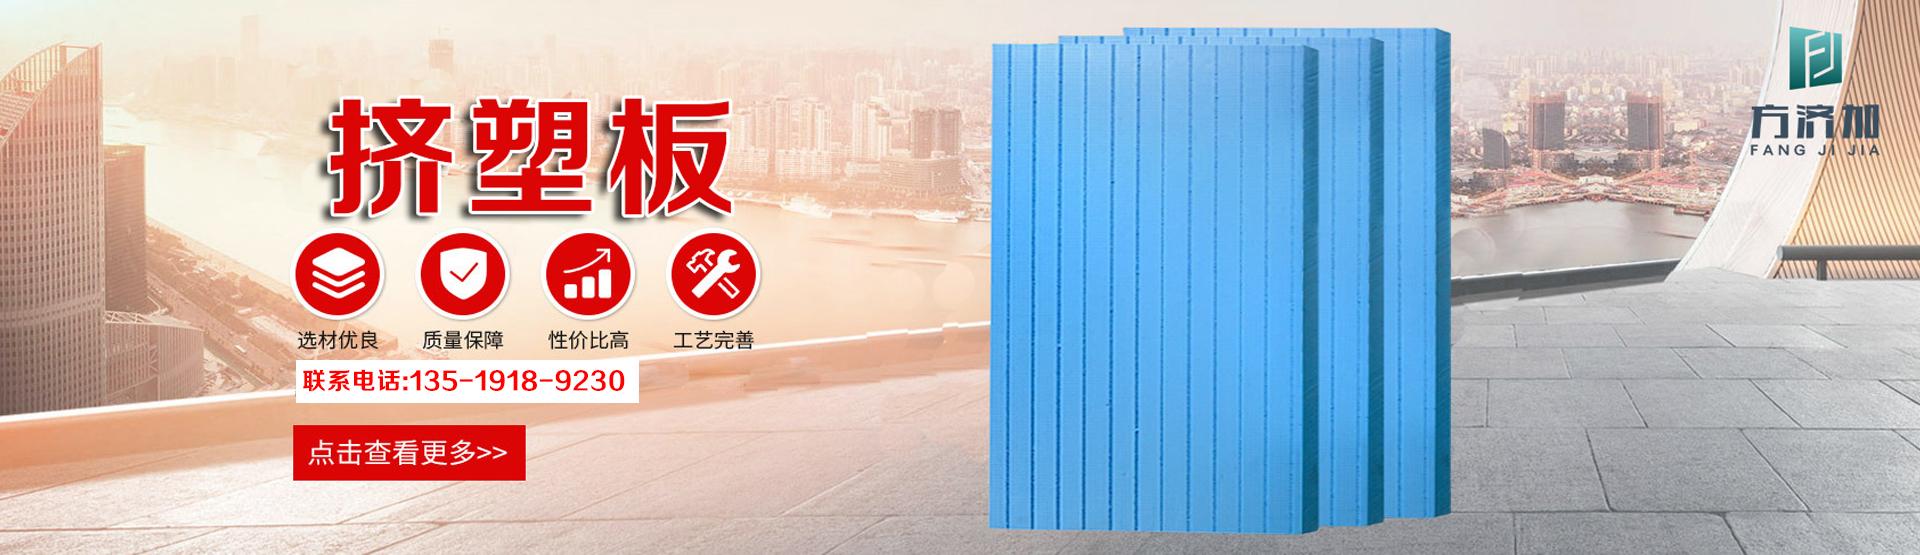 屋面专用挤塑板_屋面挤塑板-专业的挤塑板生产厂